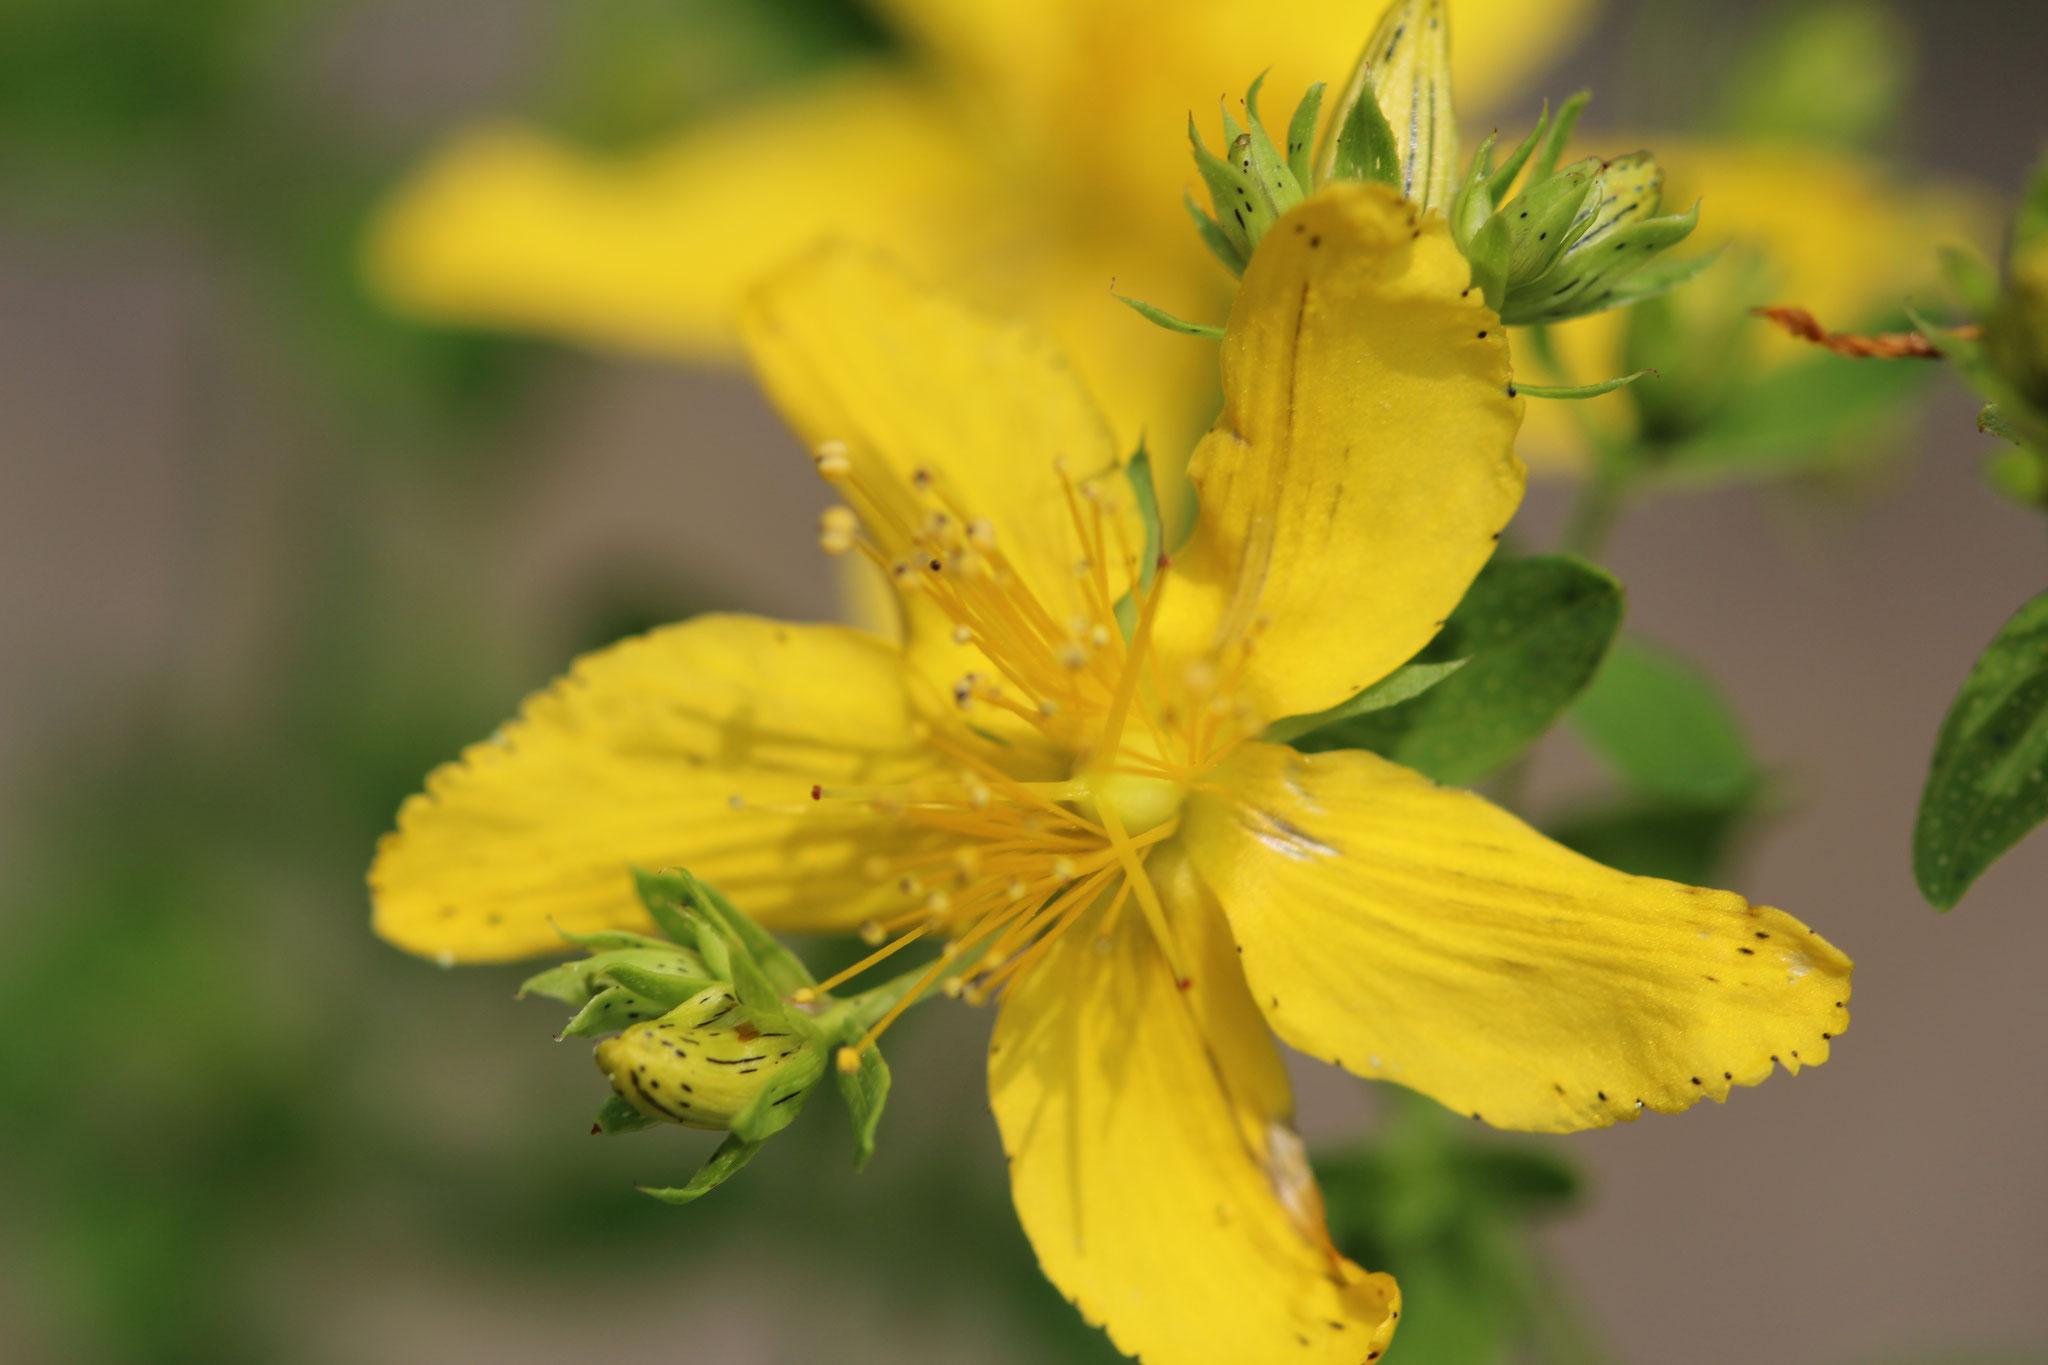 Eine feine Blüte mit grosser Heilkraft